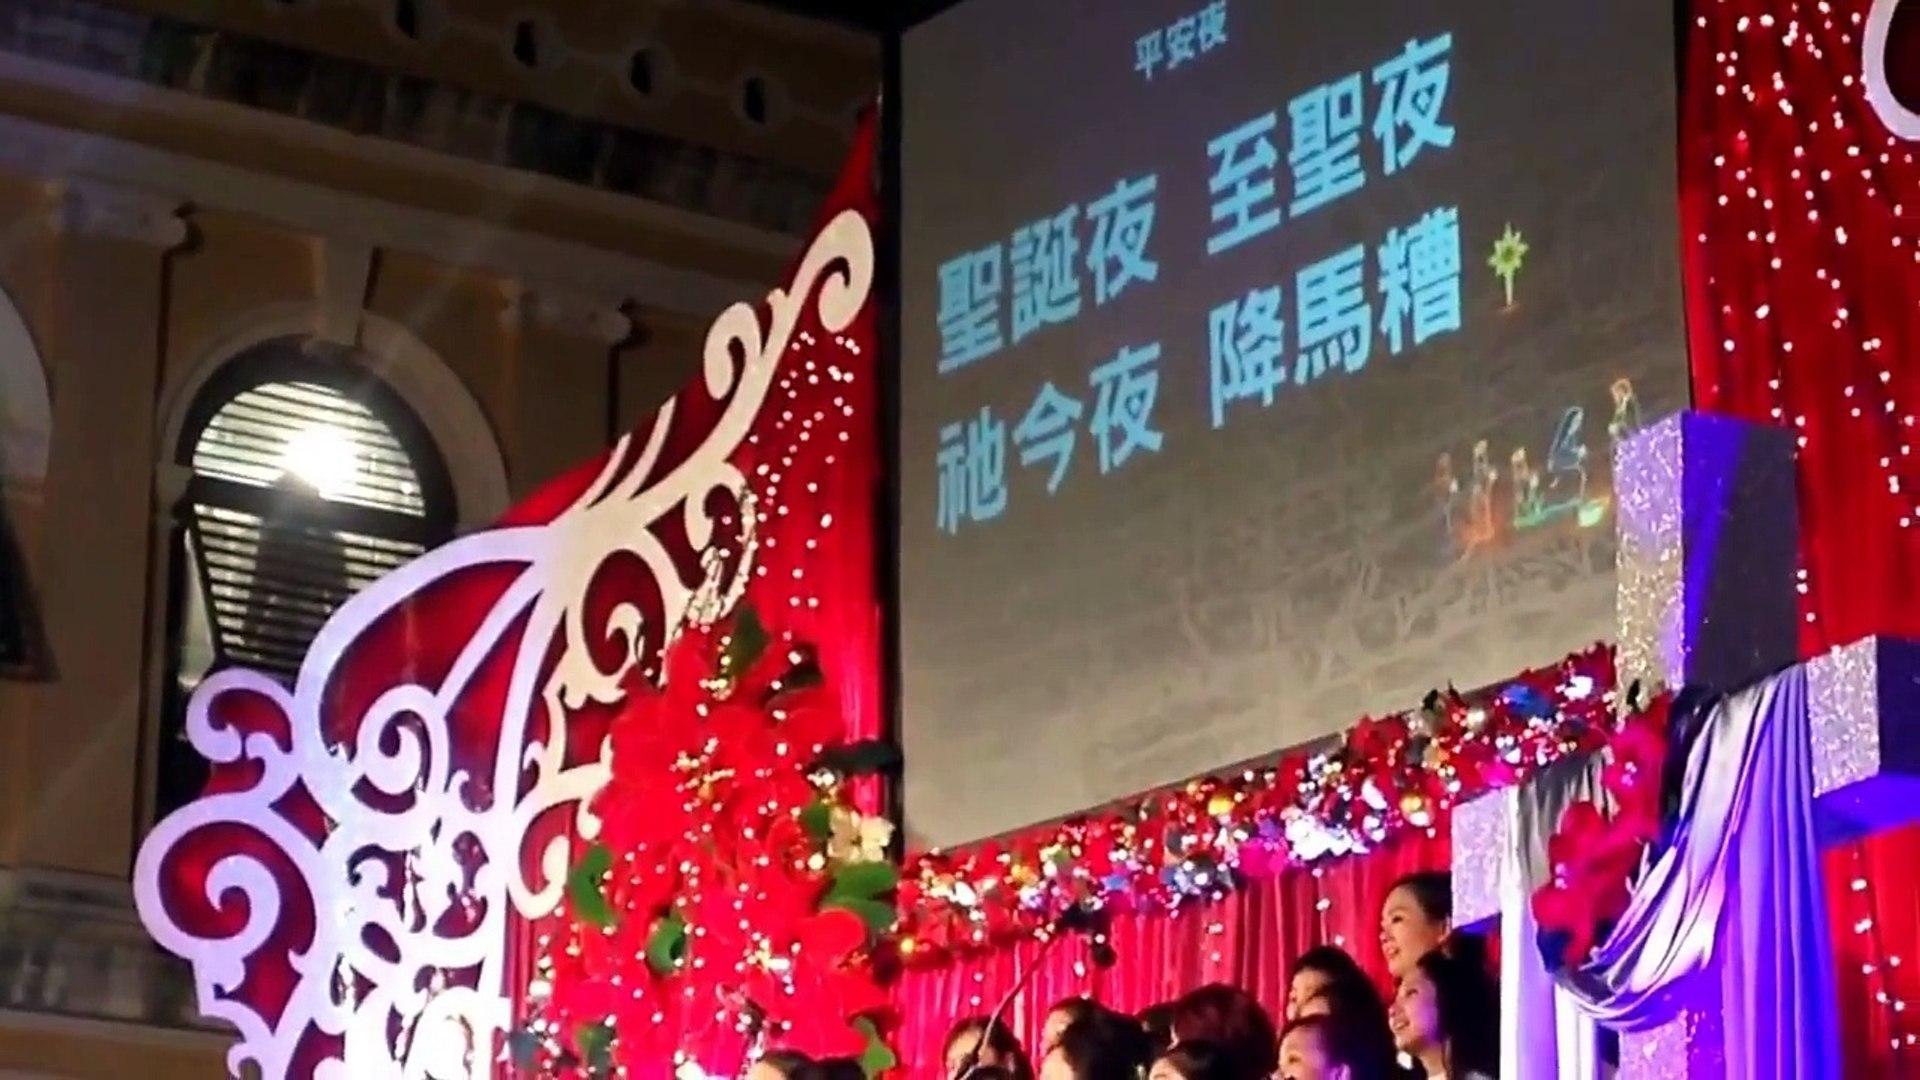 聖誕夜 23 Dec 2014 澳門大三巴排坊  6  平安夜